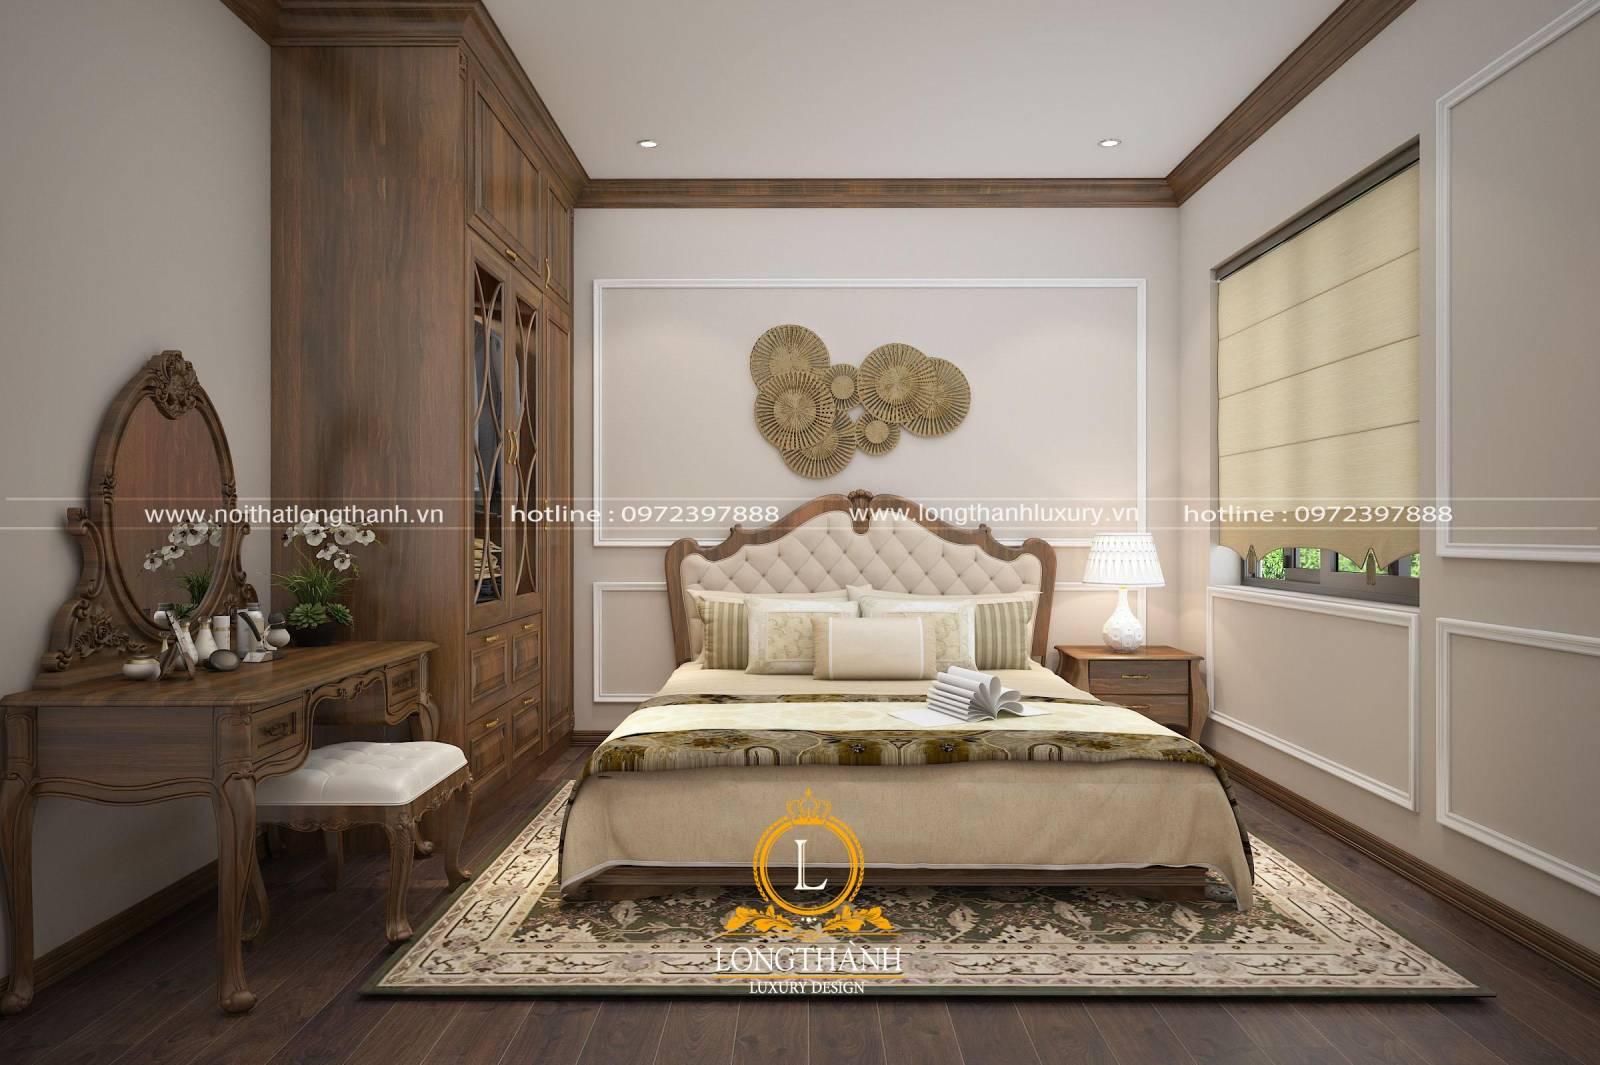 Nội thất phòng ngủ tạo nên vẻ đẹp tinh tế và sang trọng cho không gian